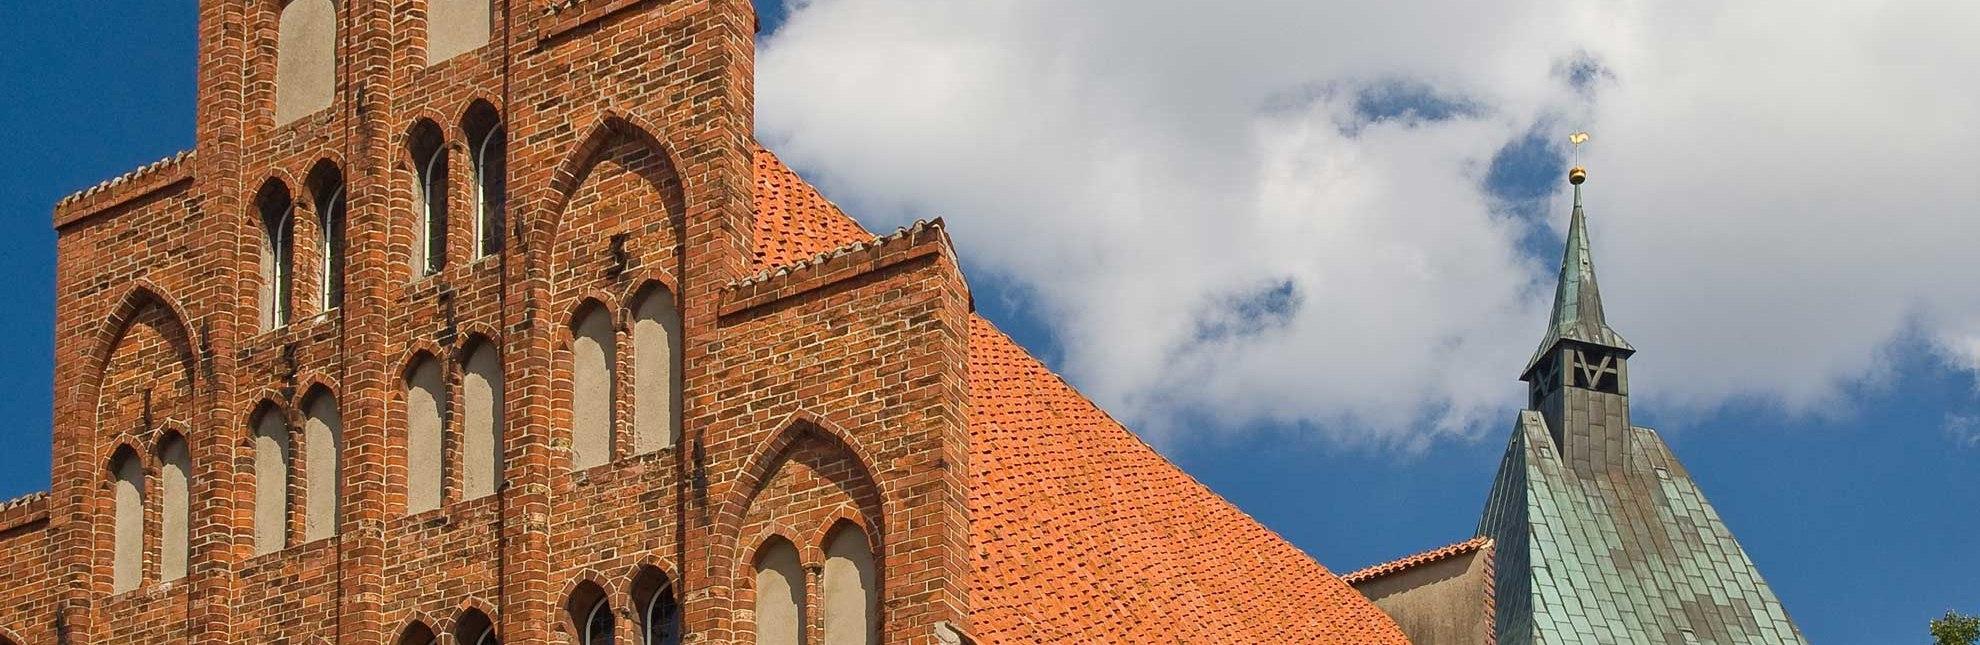 Historisches Rathaus Mölln und St. Nicolai-Kirche, © Ebelt/ Mölln